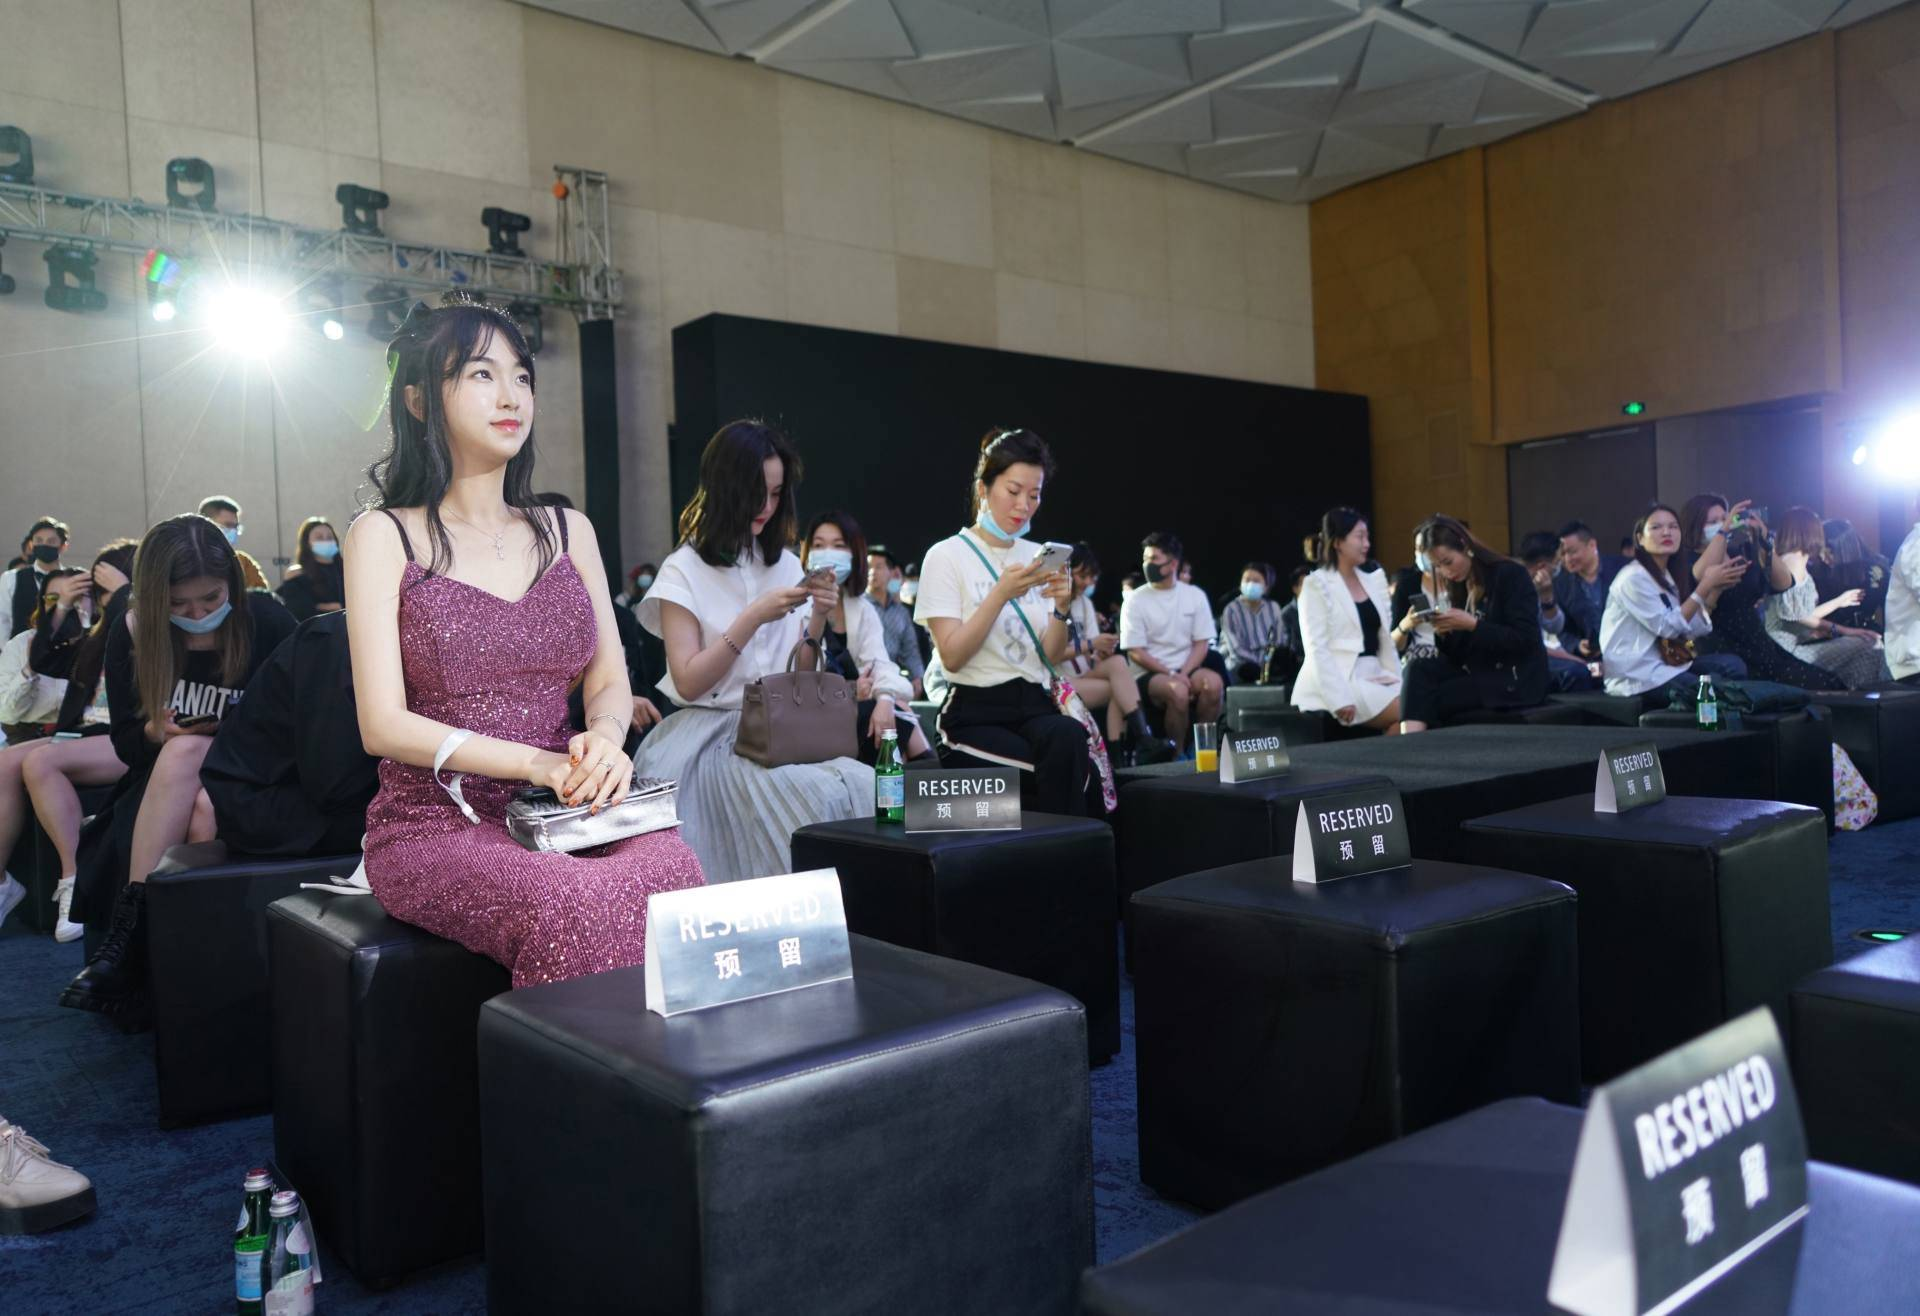 原创时尚广州新媒体宠物粉福利:玛莎拉蒂限量版第一次体验,面对面陈伟霆